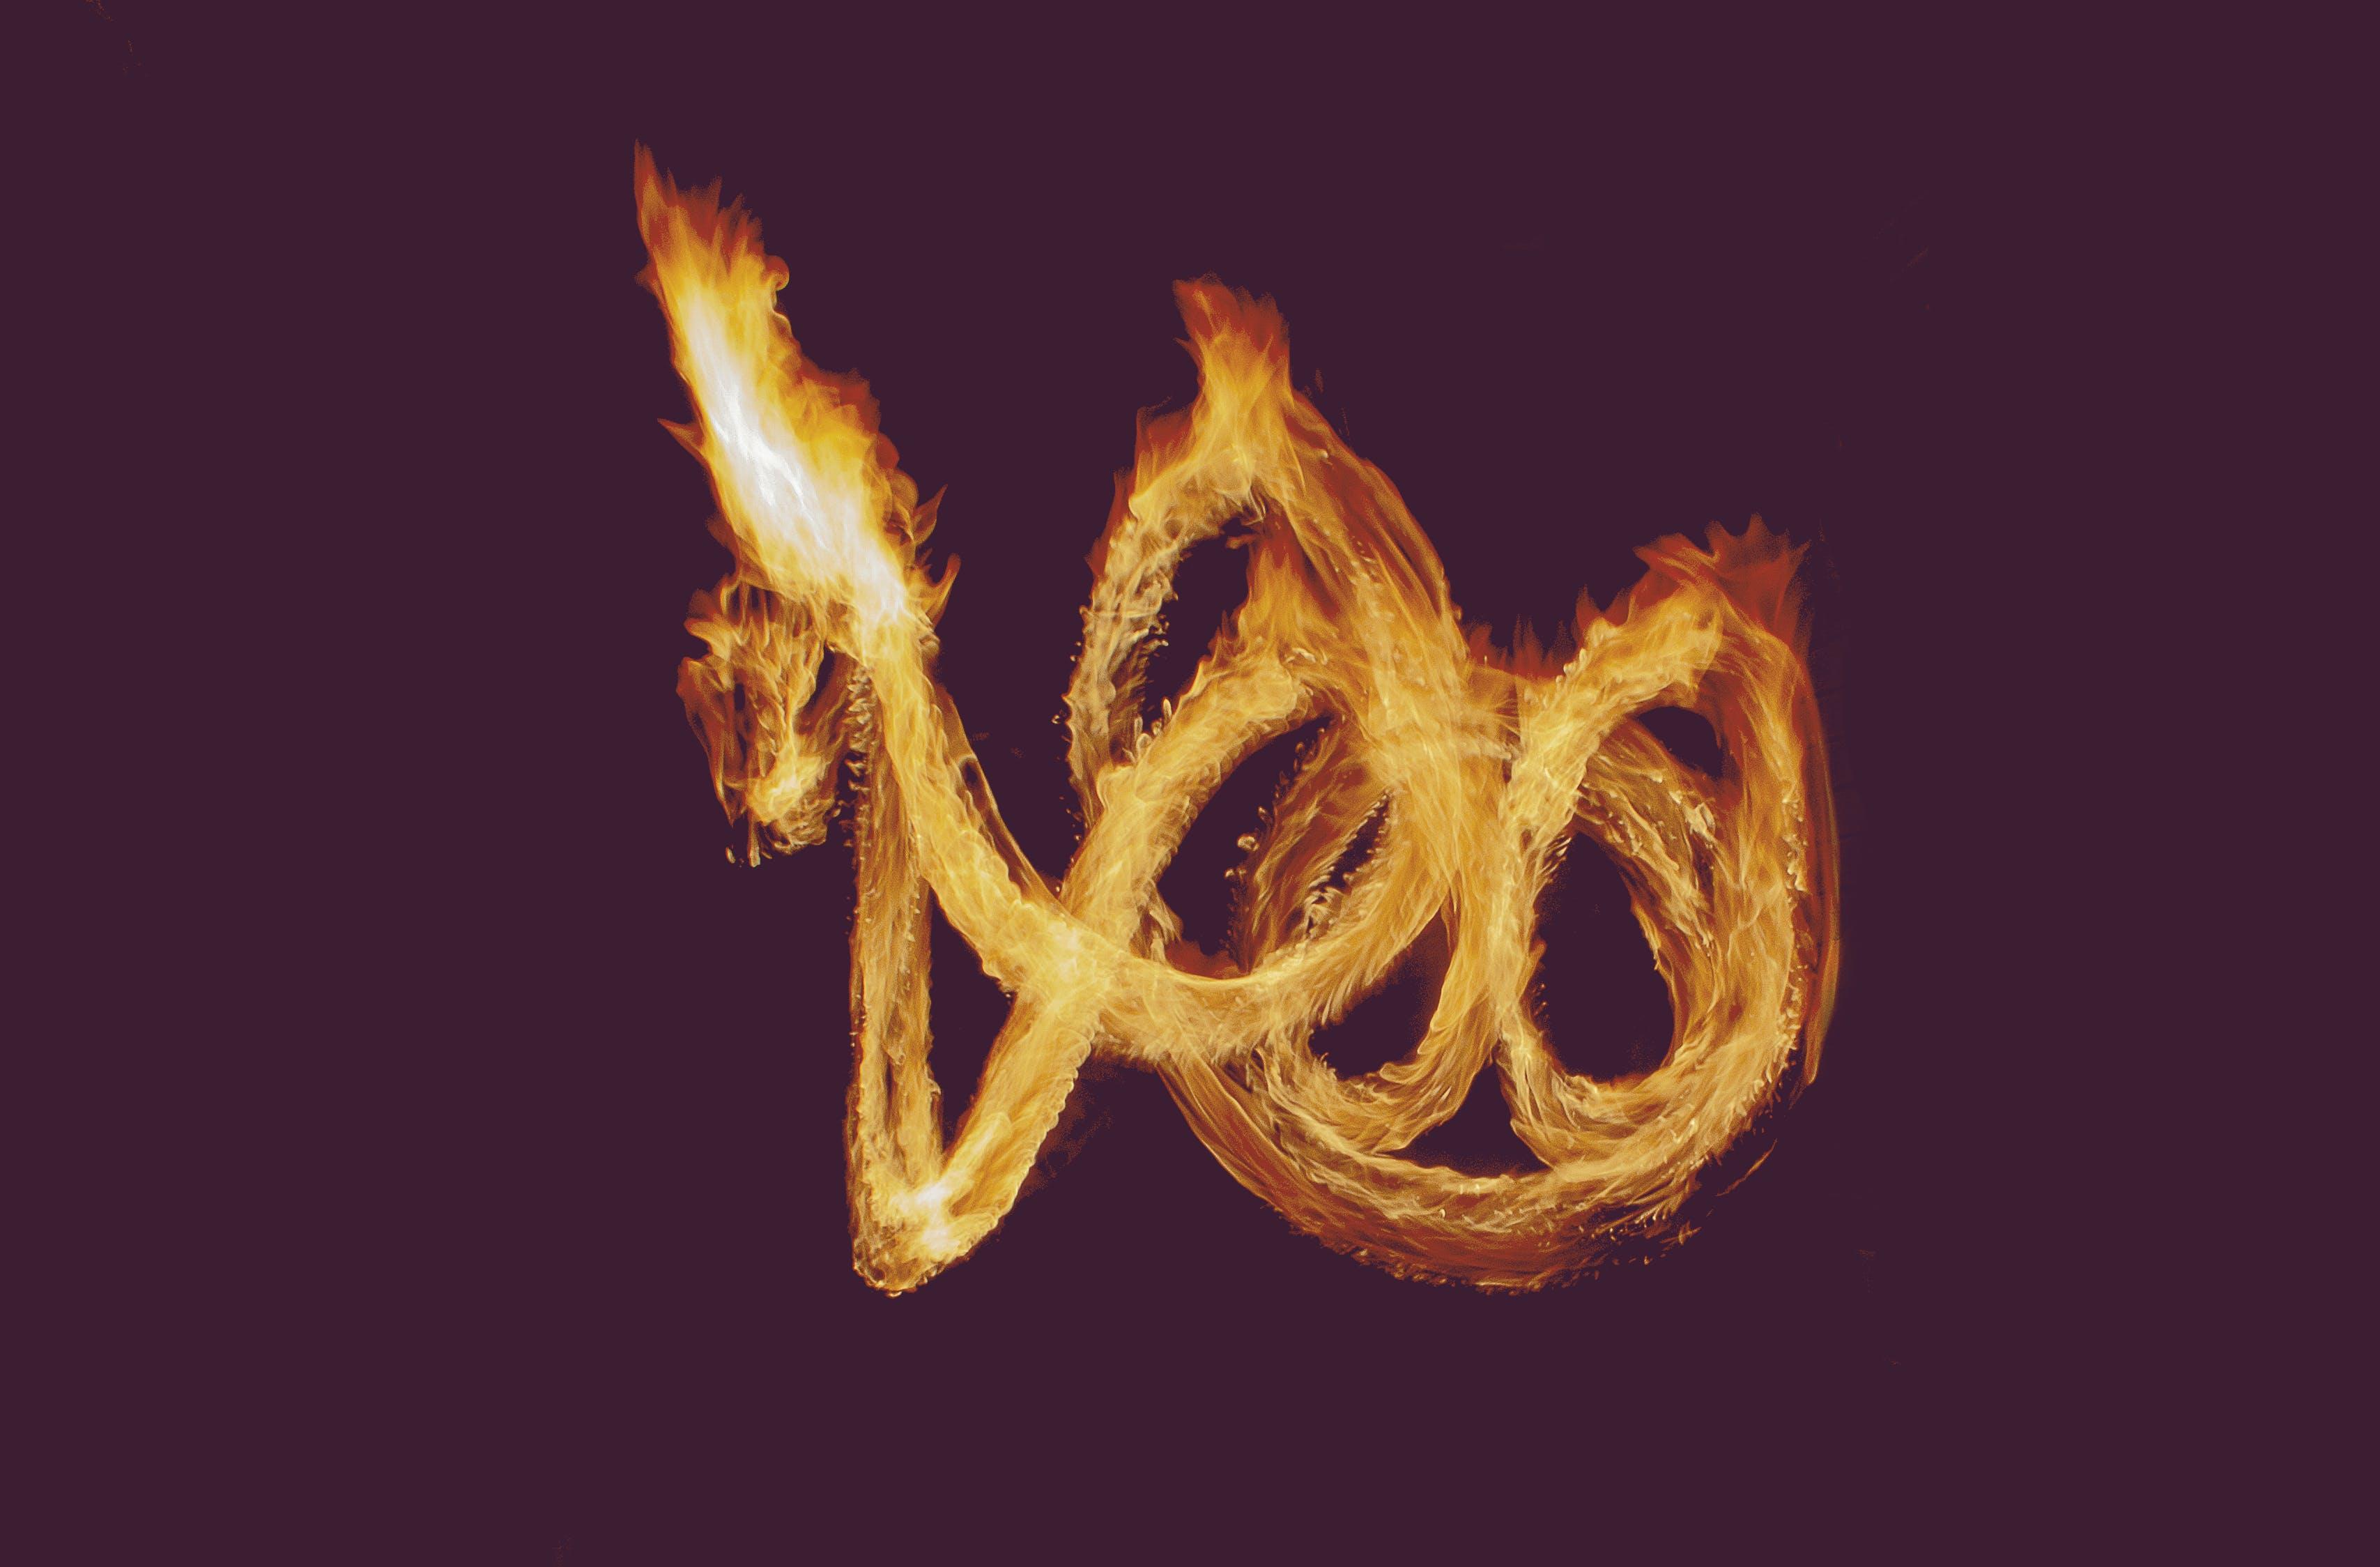 Free stock photo of fire, malibi, malibi75, Slow shutter